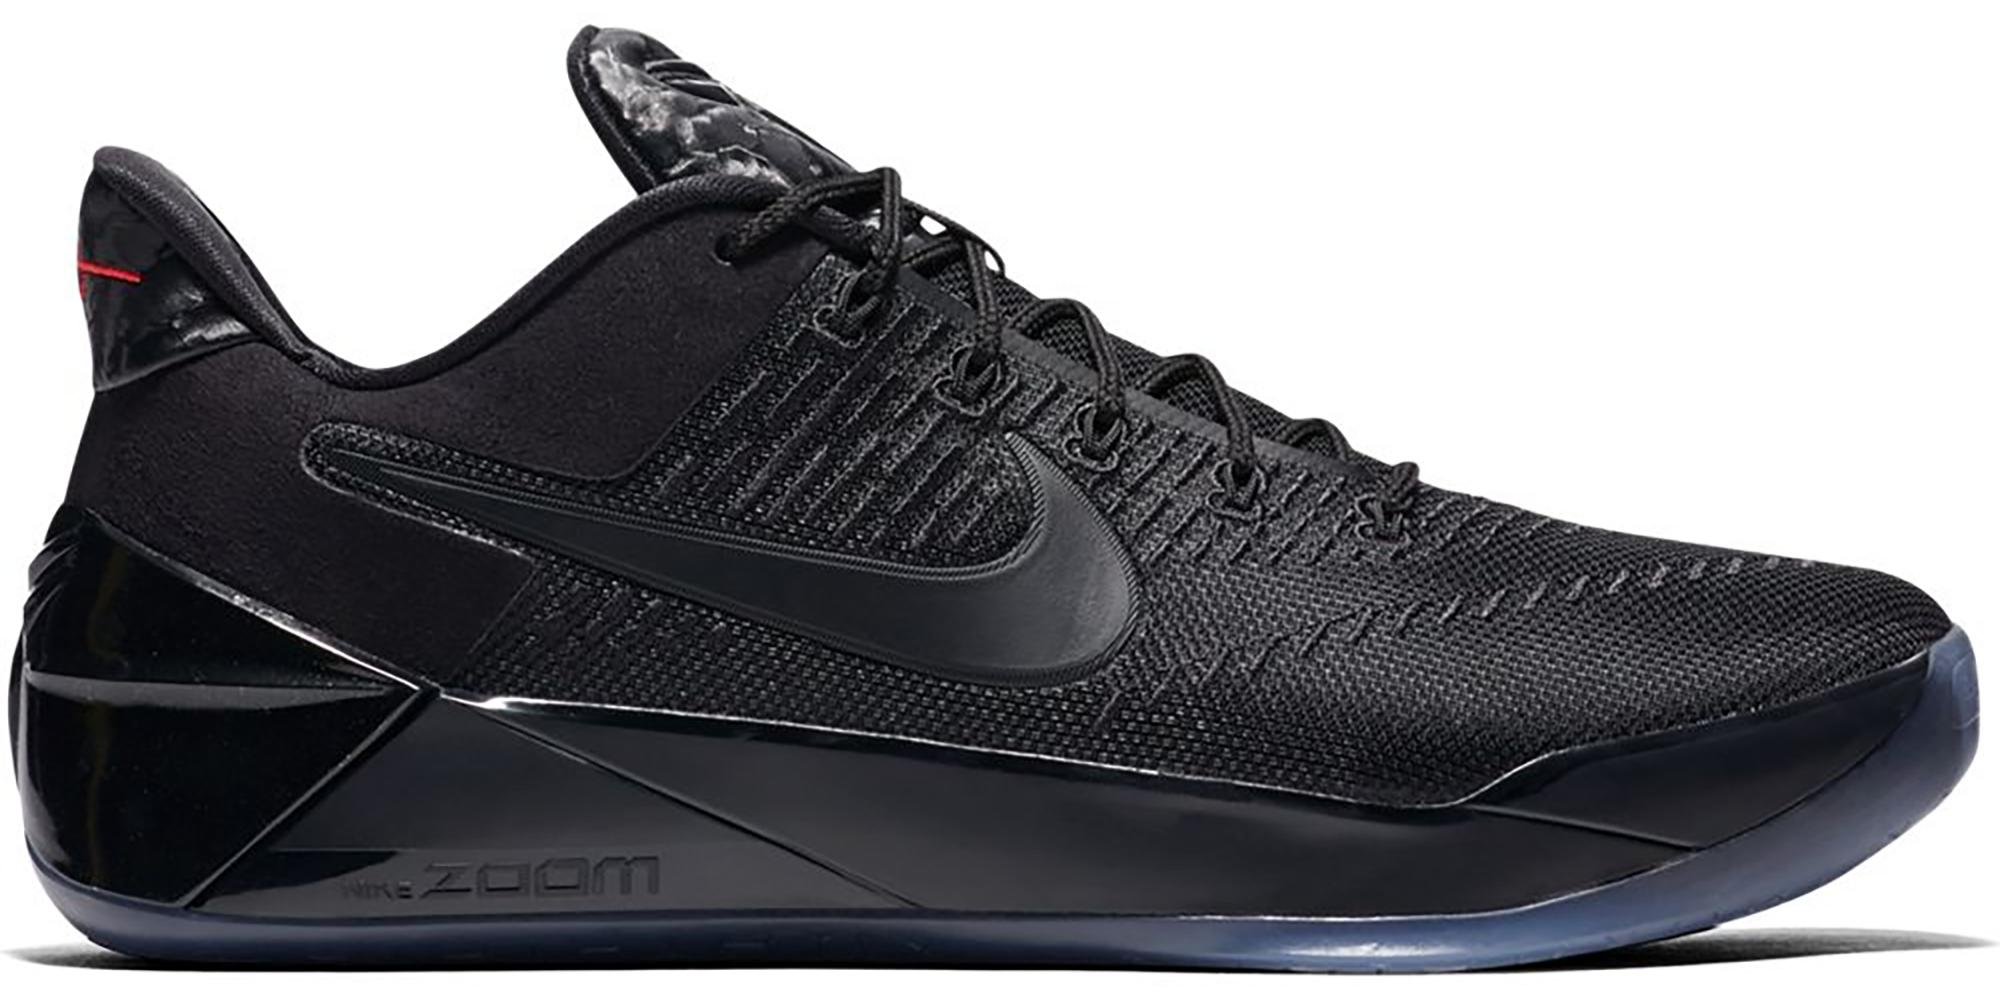 Nike Kobe A.D. EP Black Mamba - 852427-064